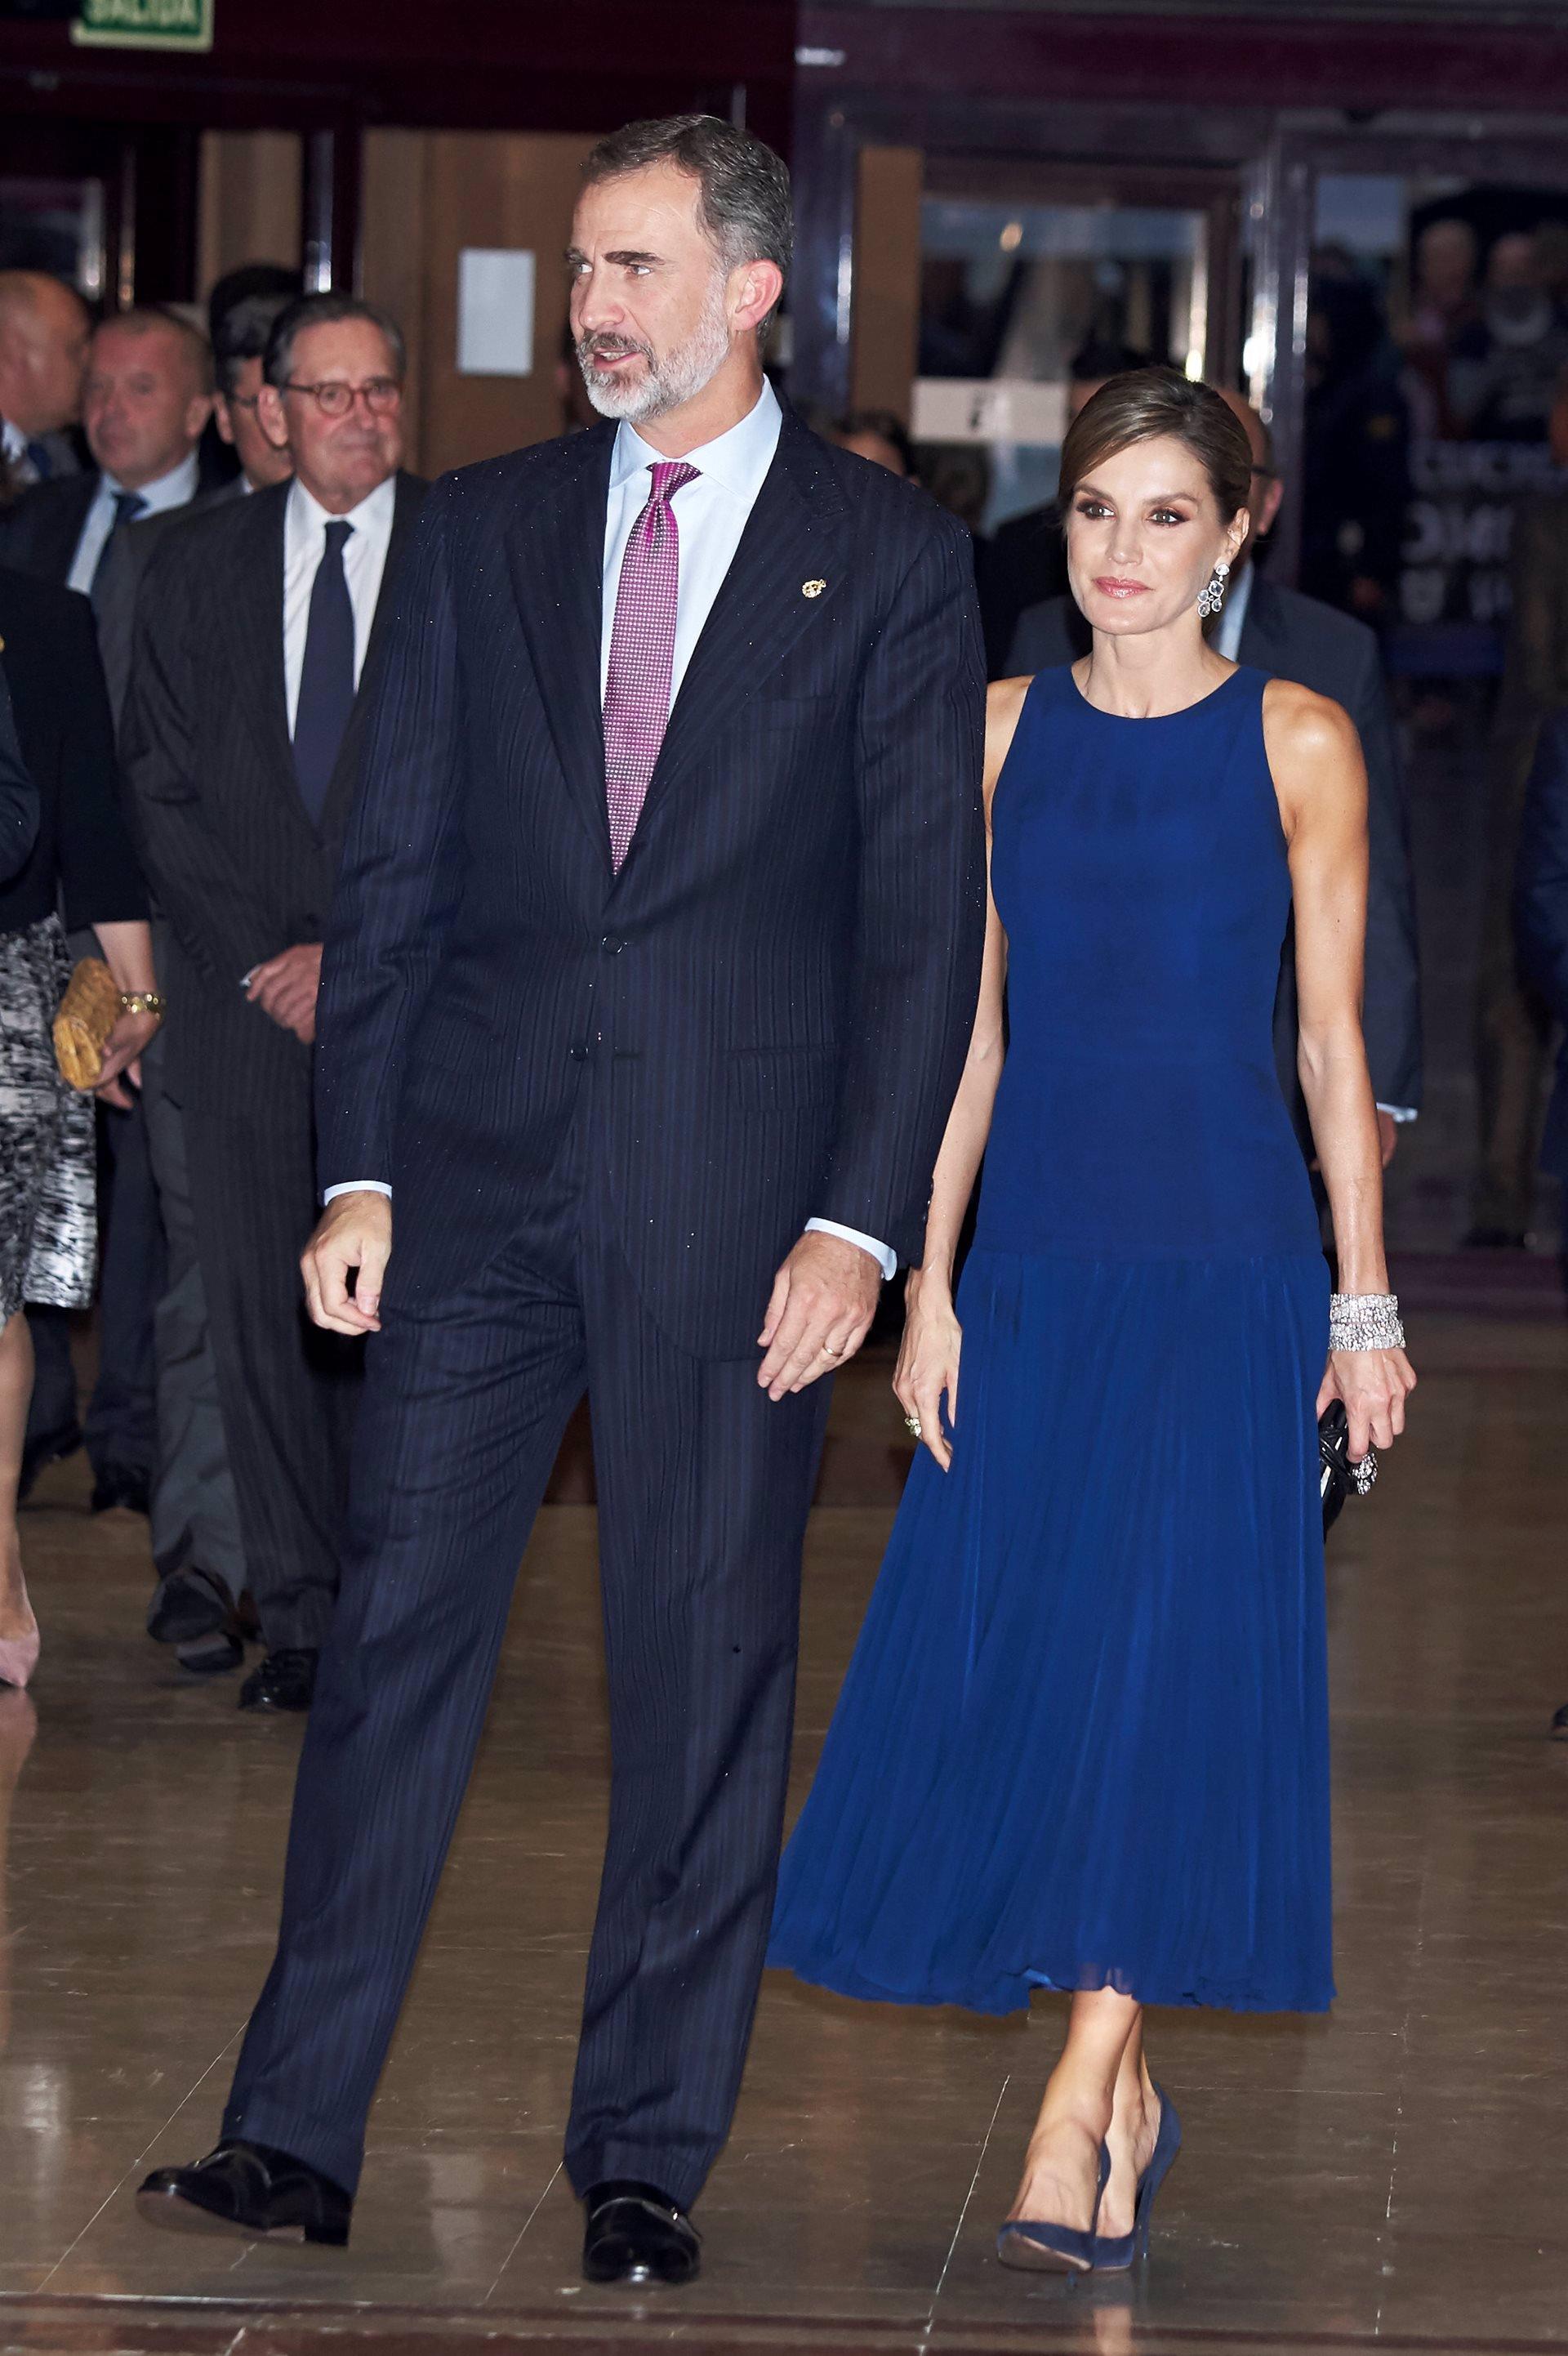 La Reina Letizia con las pulseras gemelas en los Premios Princesa de Asturias 2017 vestida de azul Asturias